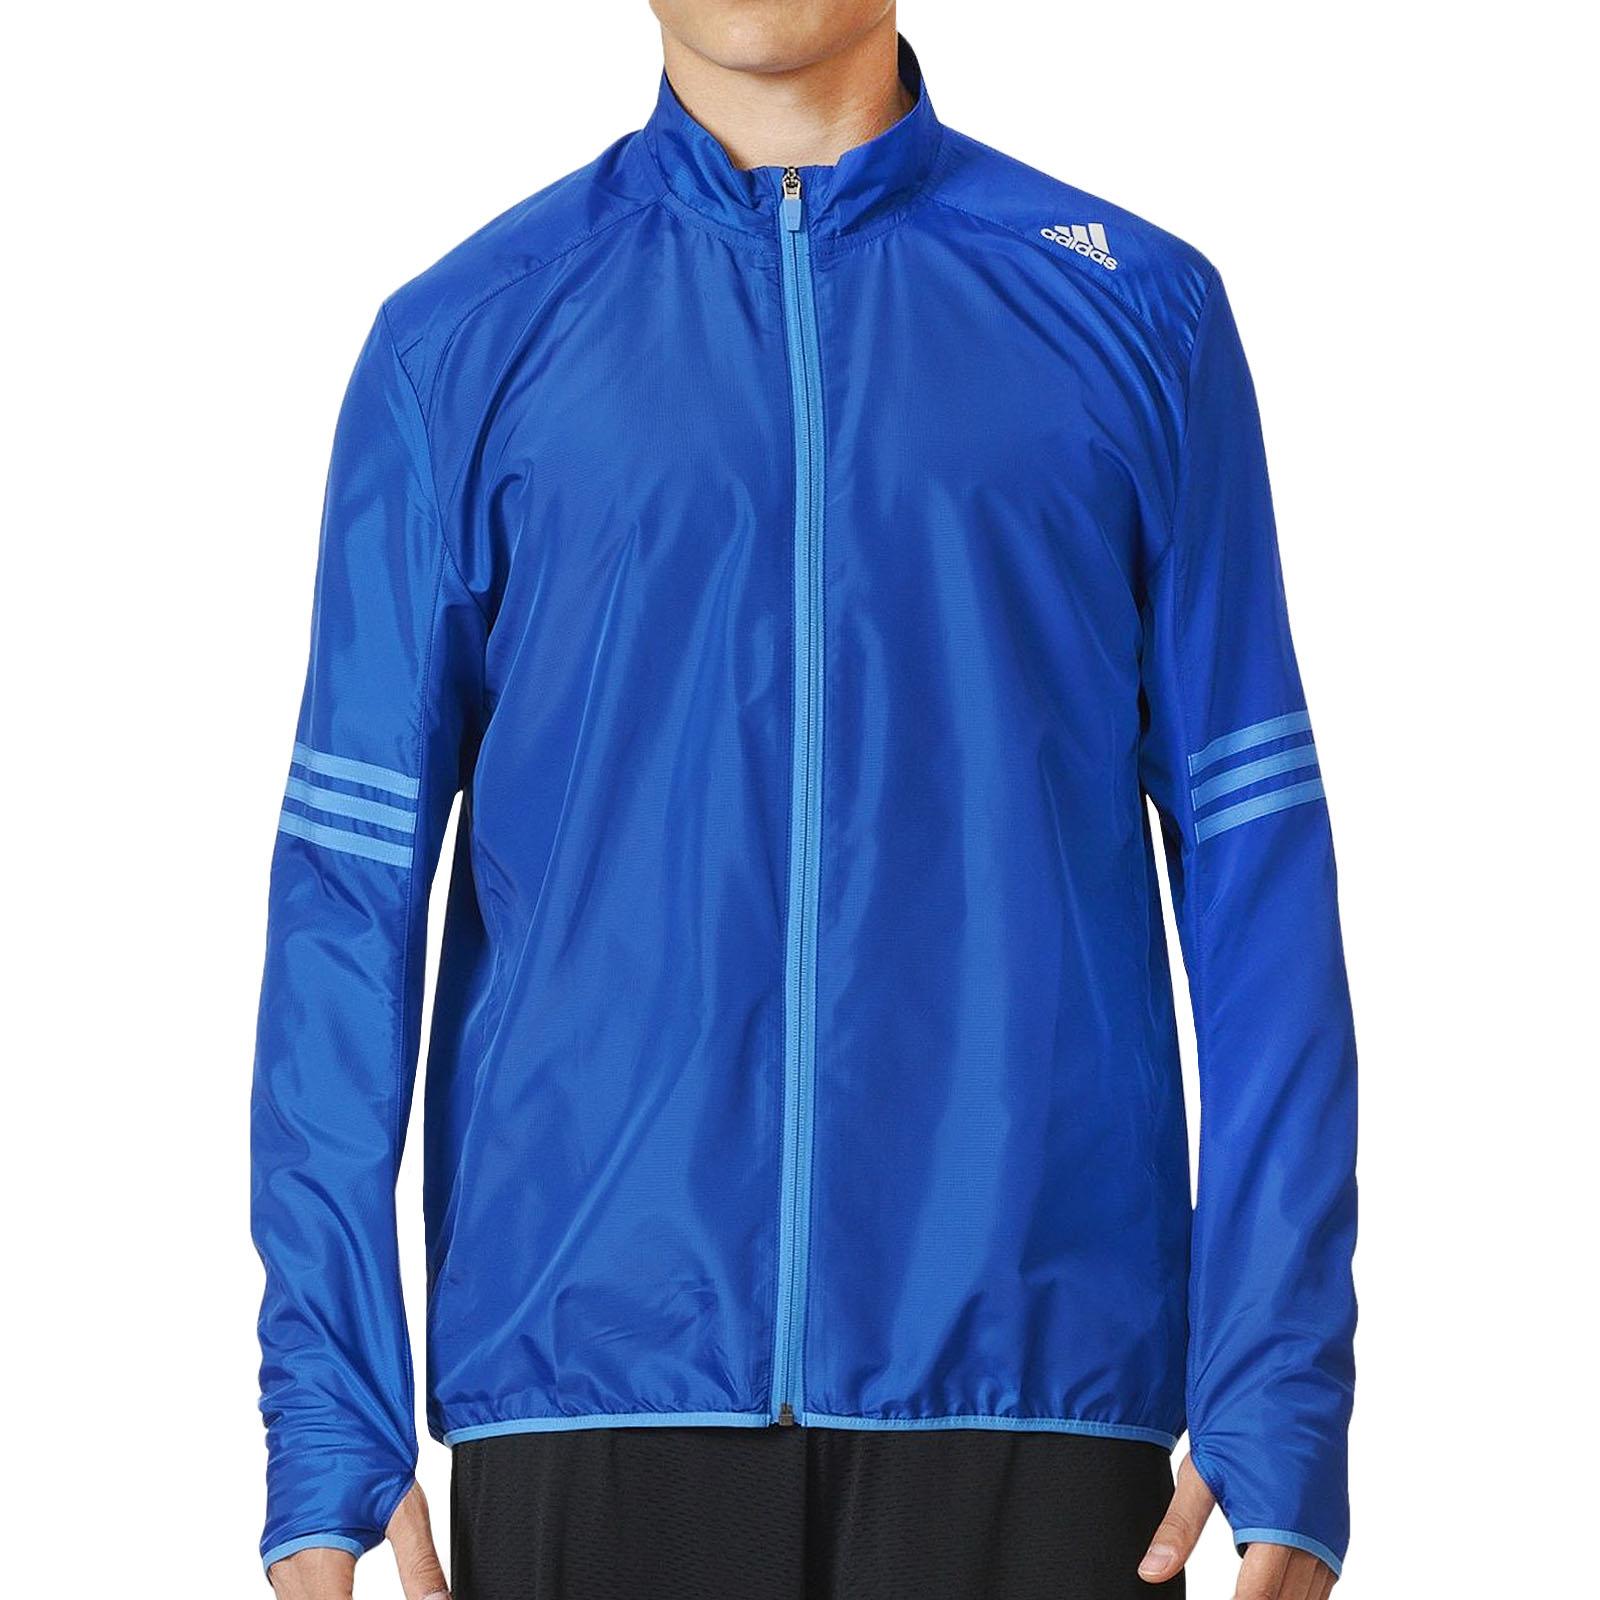 Détails sur Adidas Performance pour homme Response Coupe régulière Zippé Running Wind Jacket bleu afficher le titre d'origine